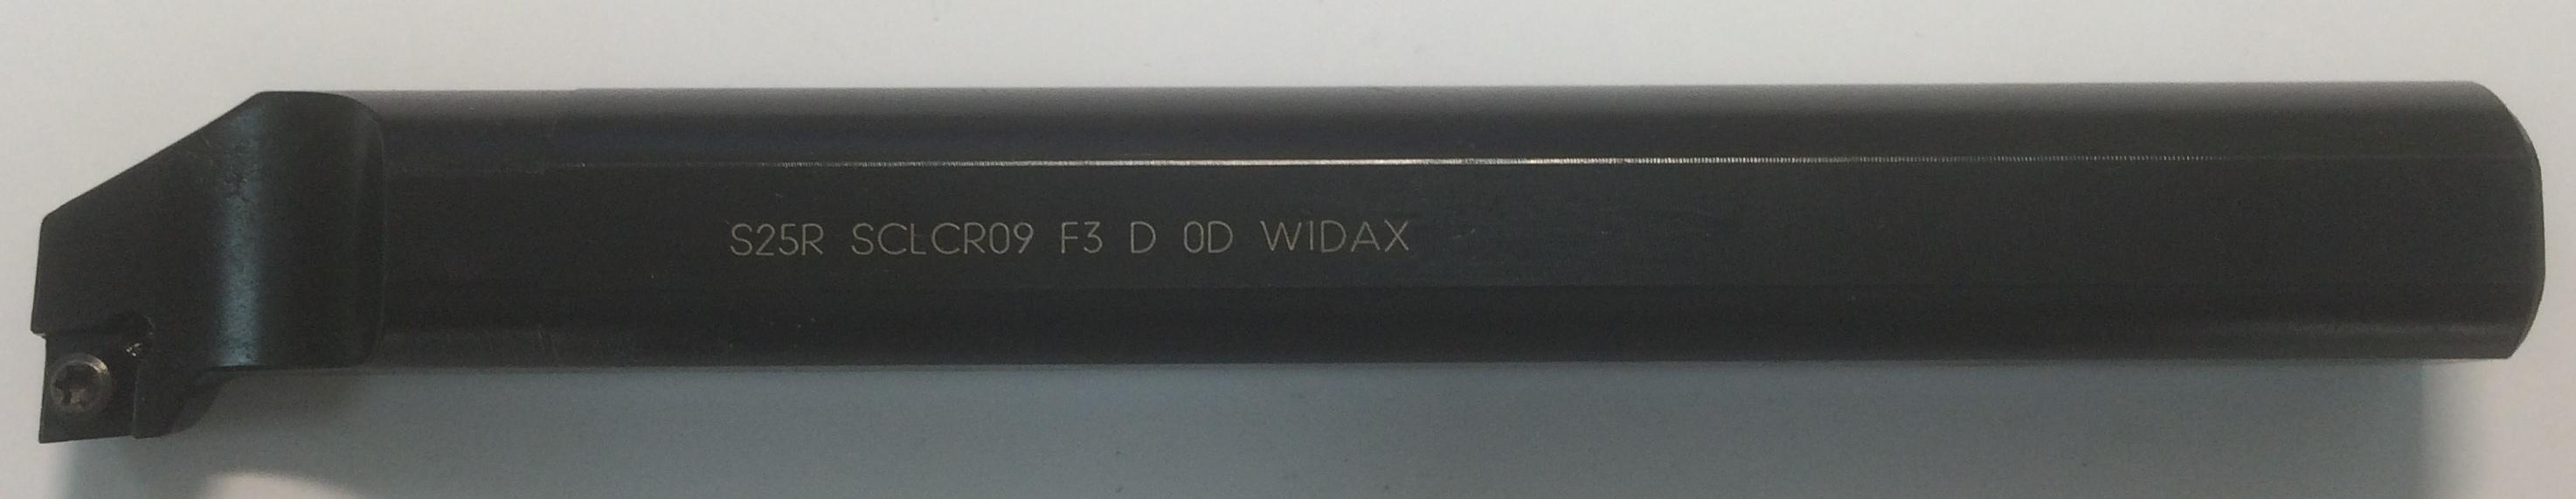 S25R SCLCR09 F3 D0D